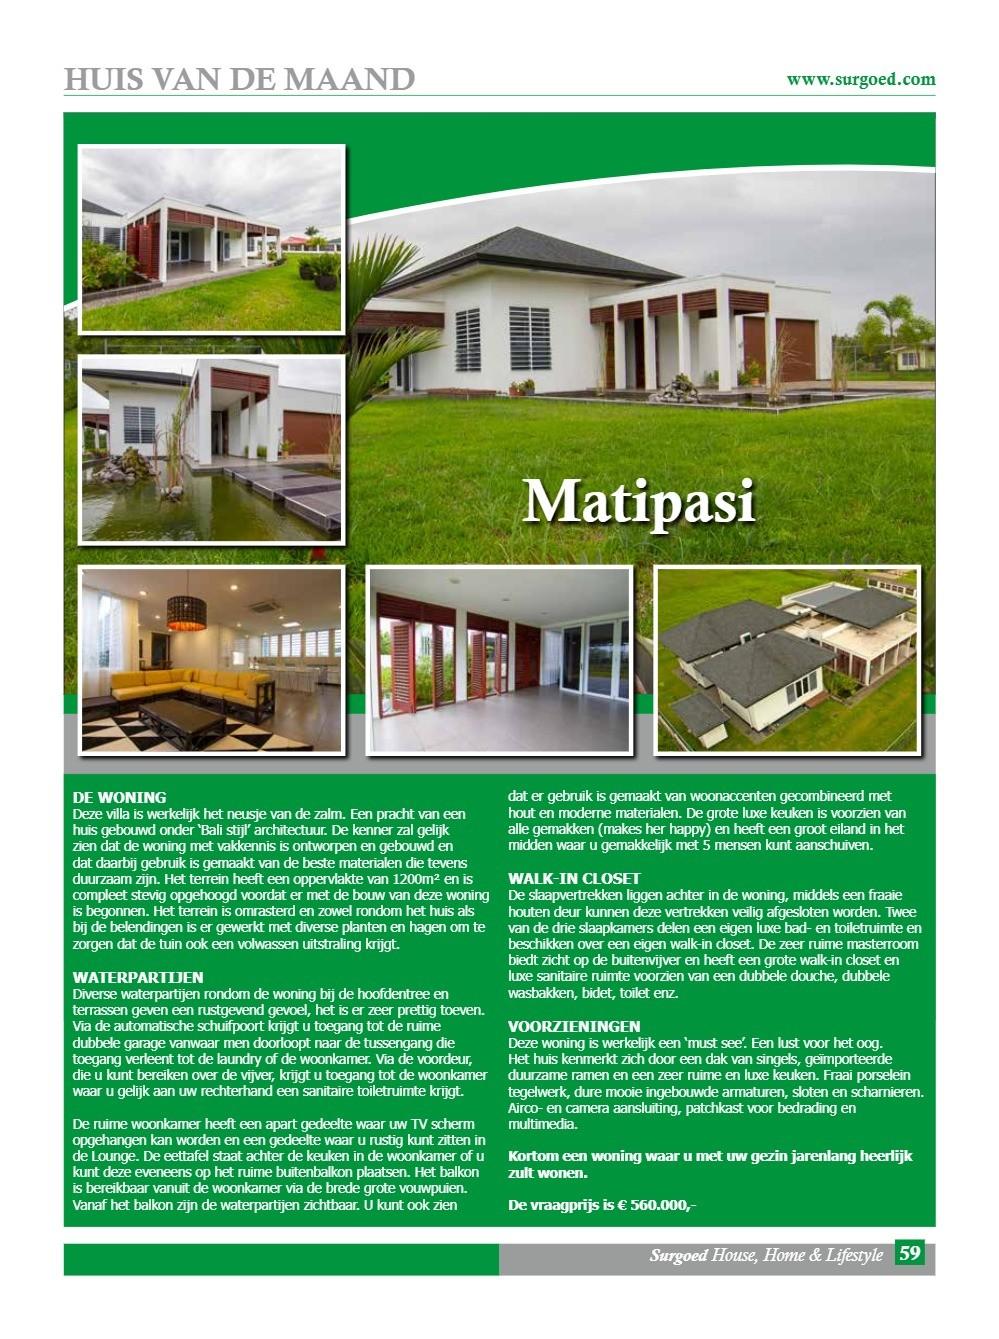 Editie 16 House Home Lifestyle 2018 Surgoed Makelaardij NV 059 480x270 - Huis van de maand: Matipasi